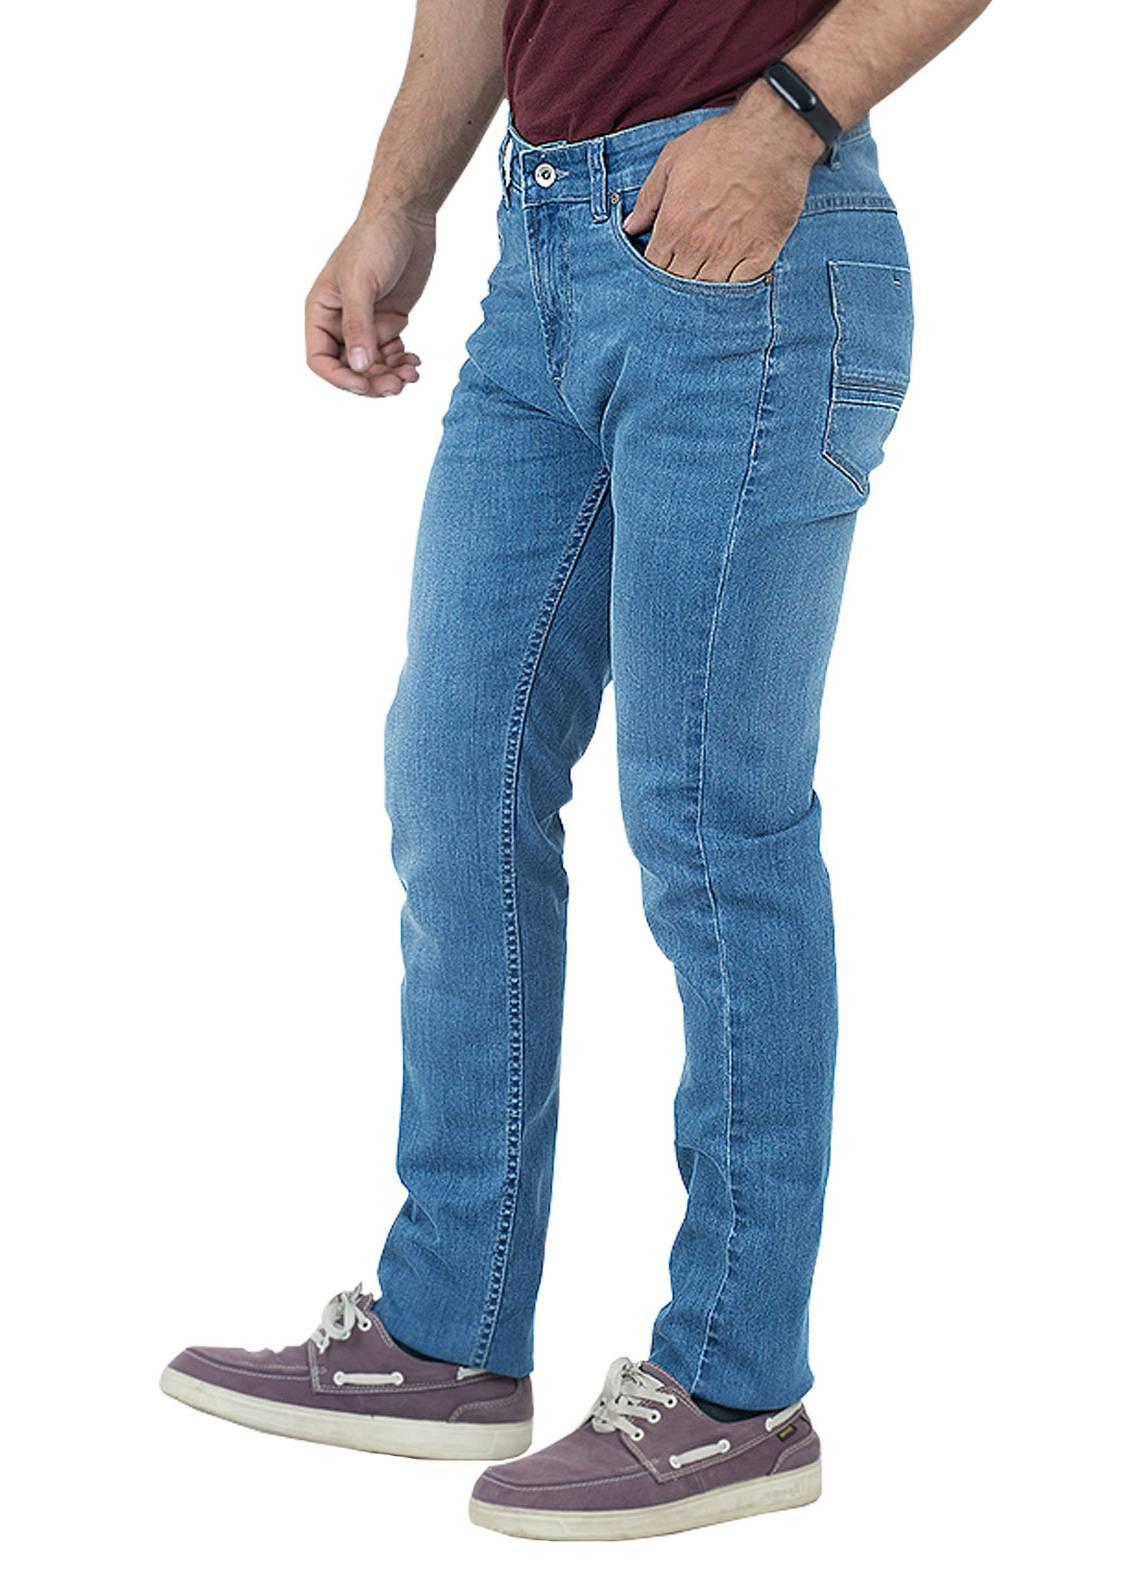 Shahzeb Saeed Denim Casual Men Jeans - Blue DNM-96